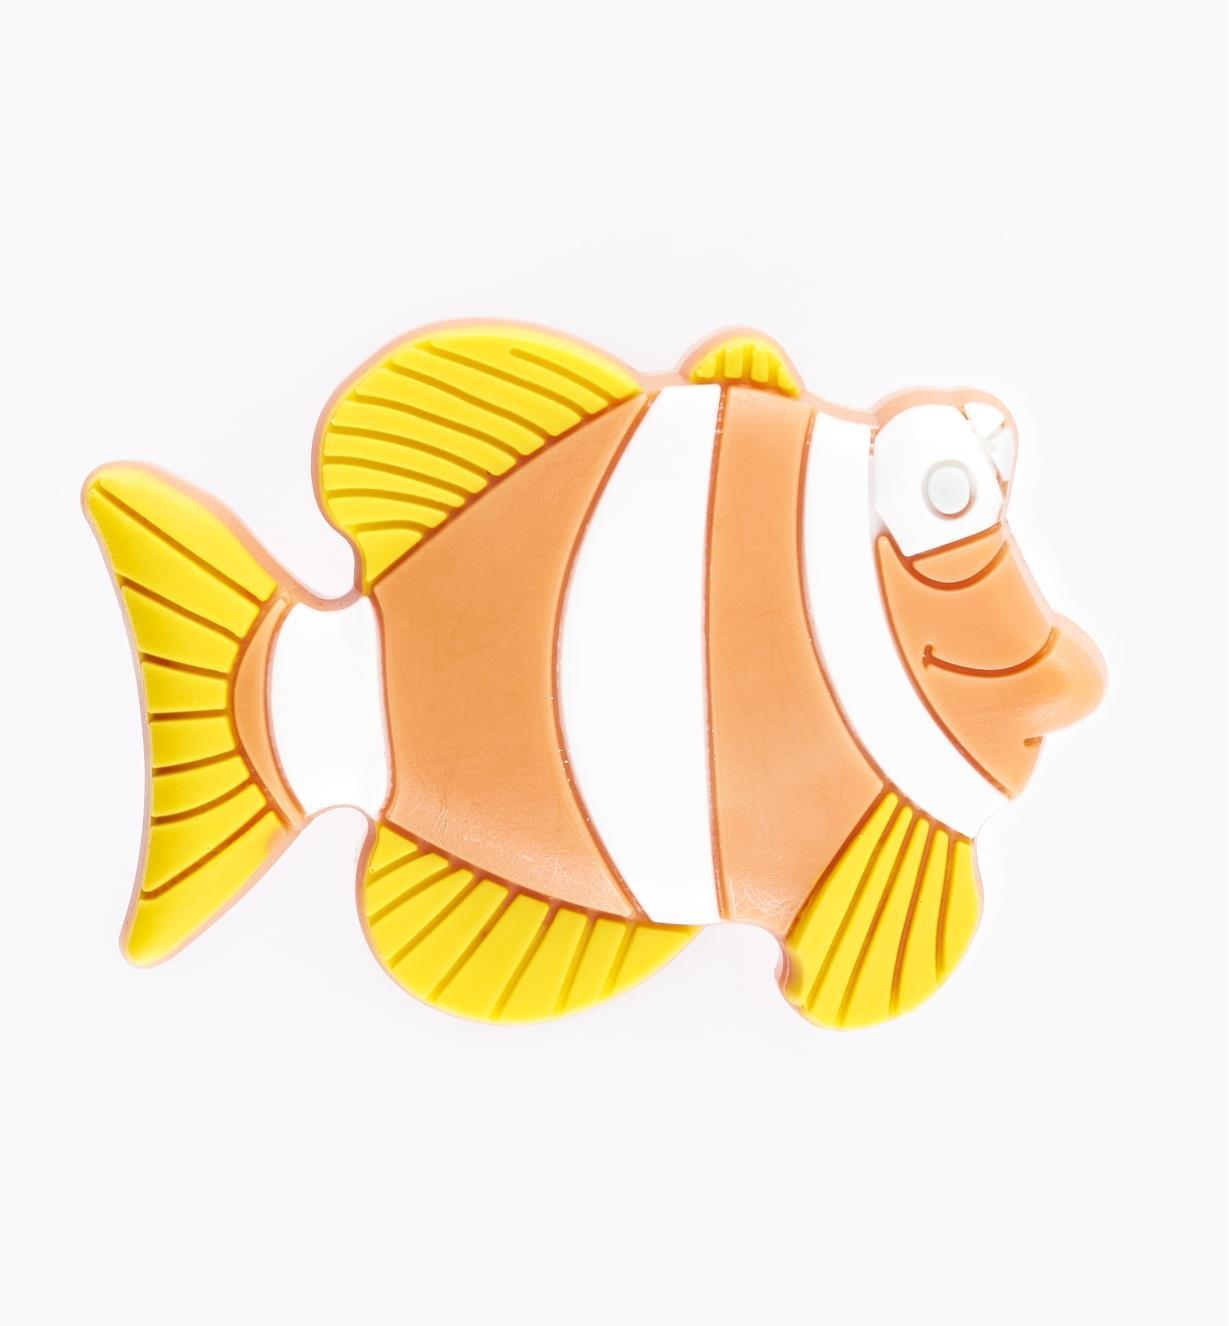 00W5621 - Clownfish Knob